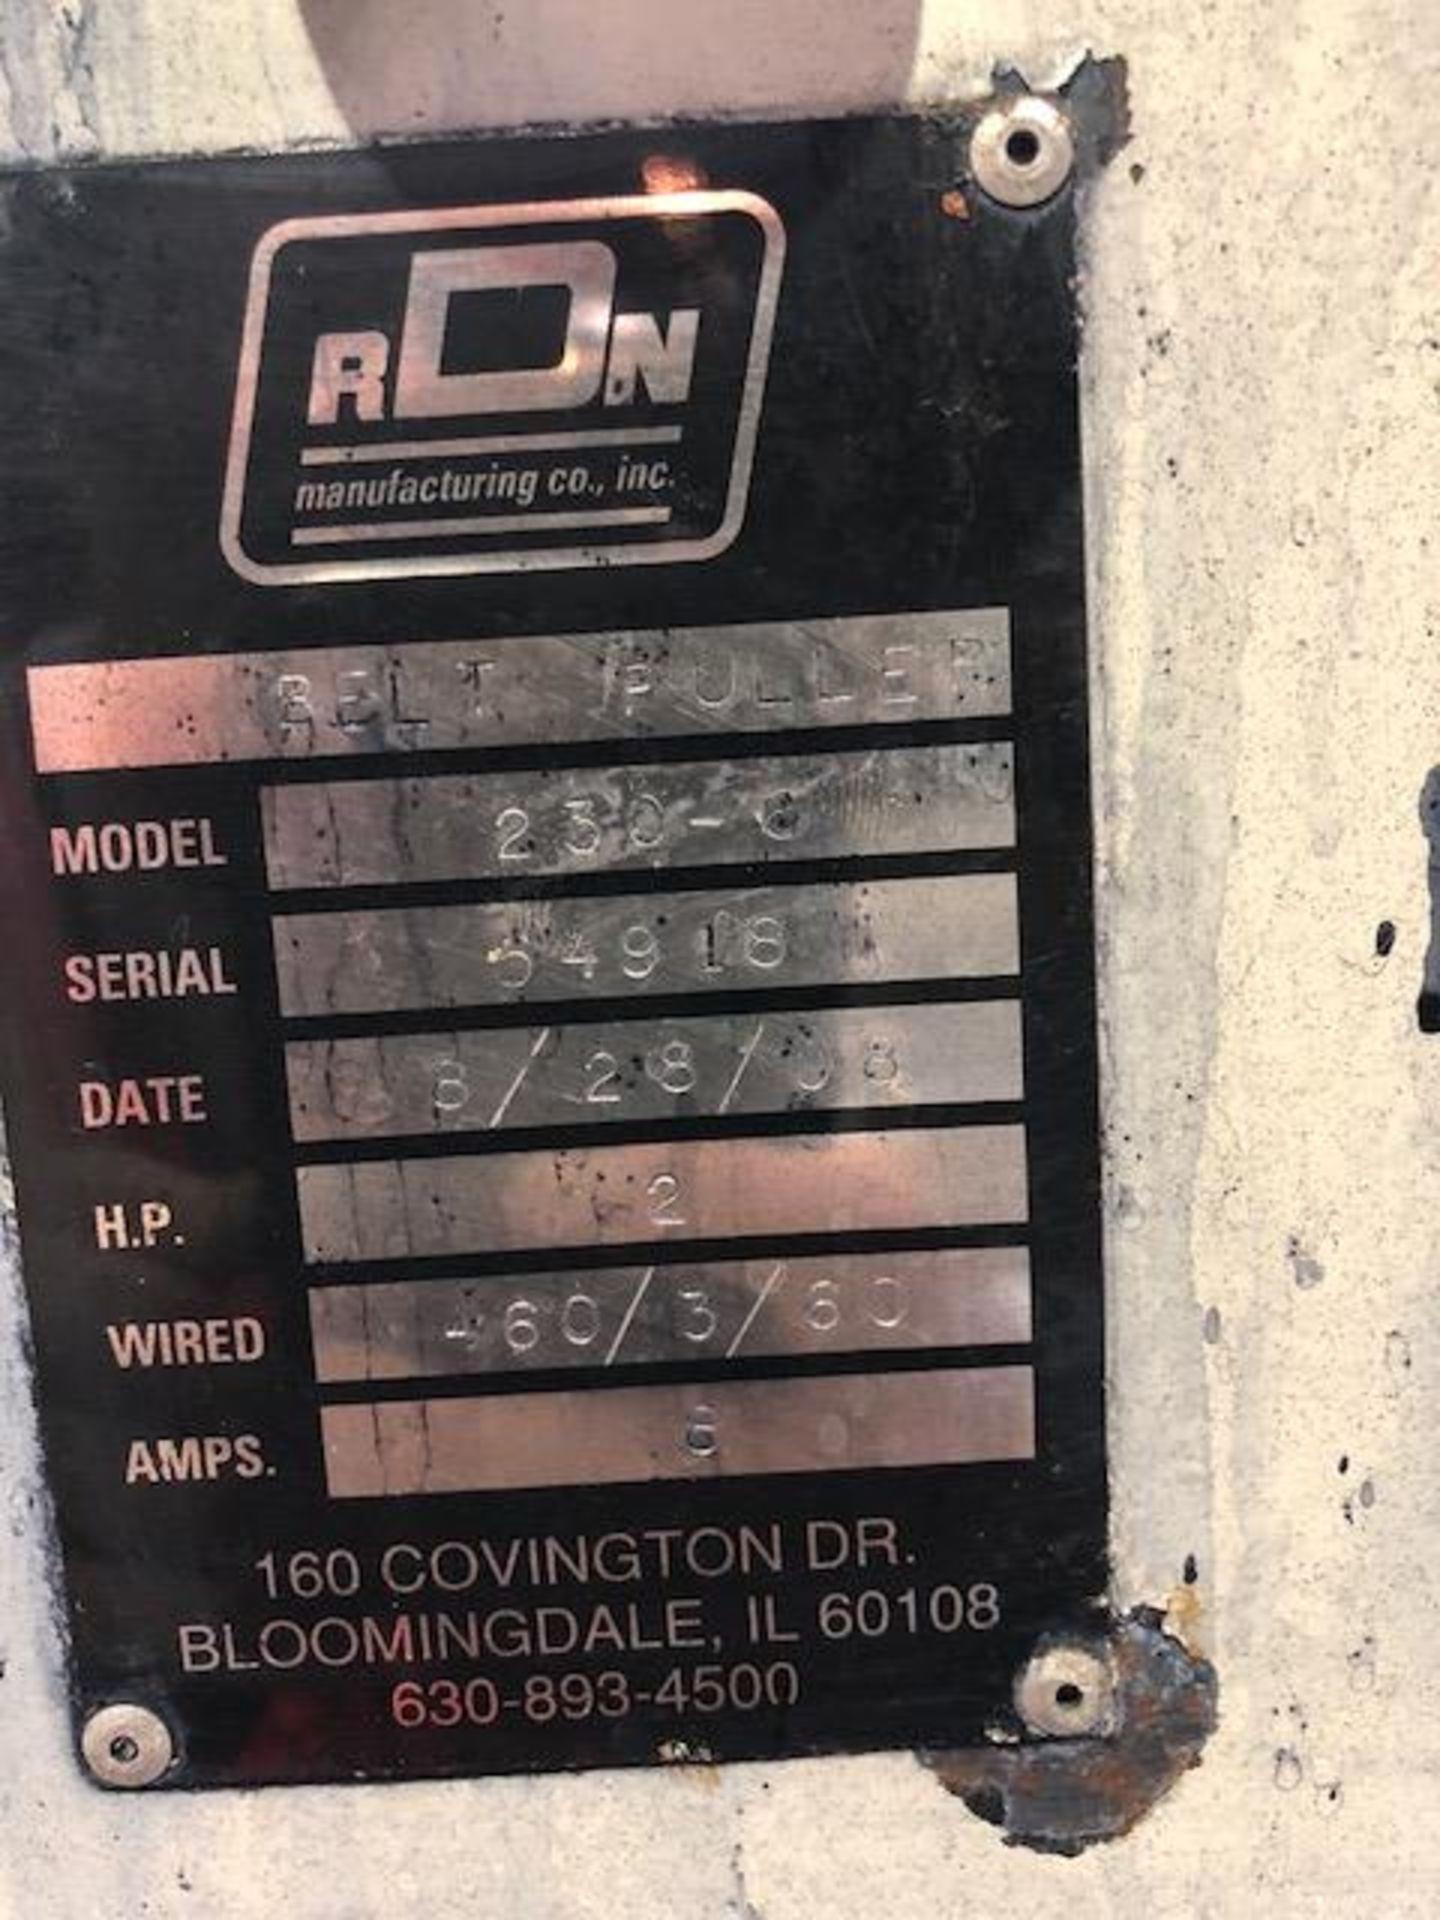 Lot 123 - RDN Belt Puller